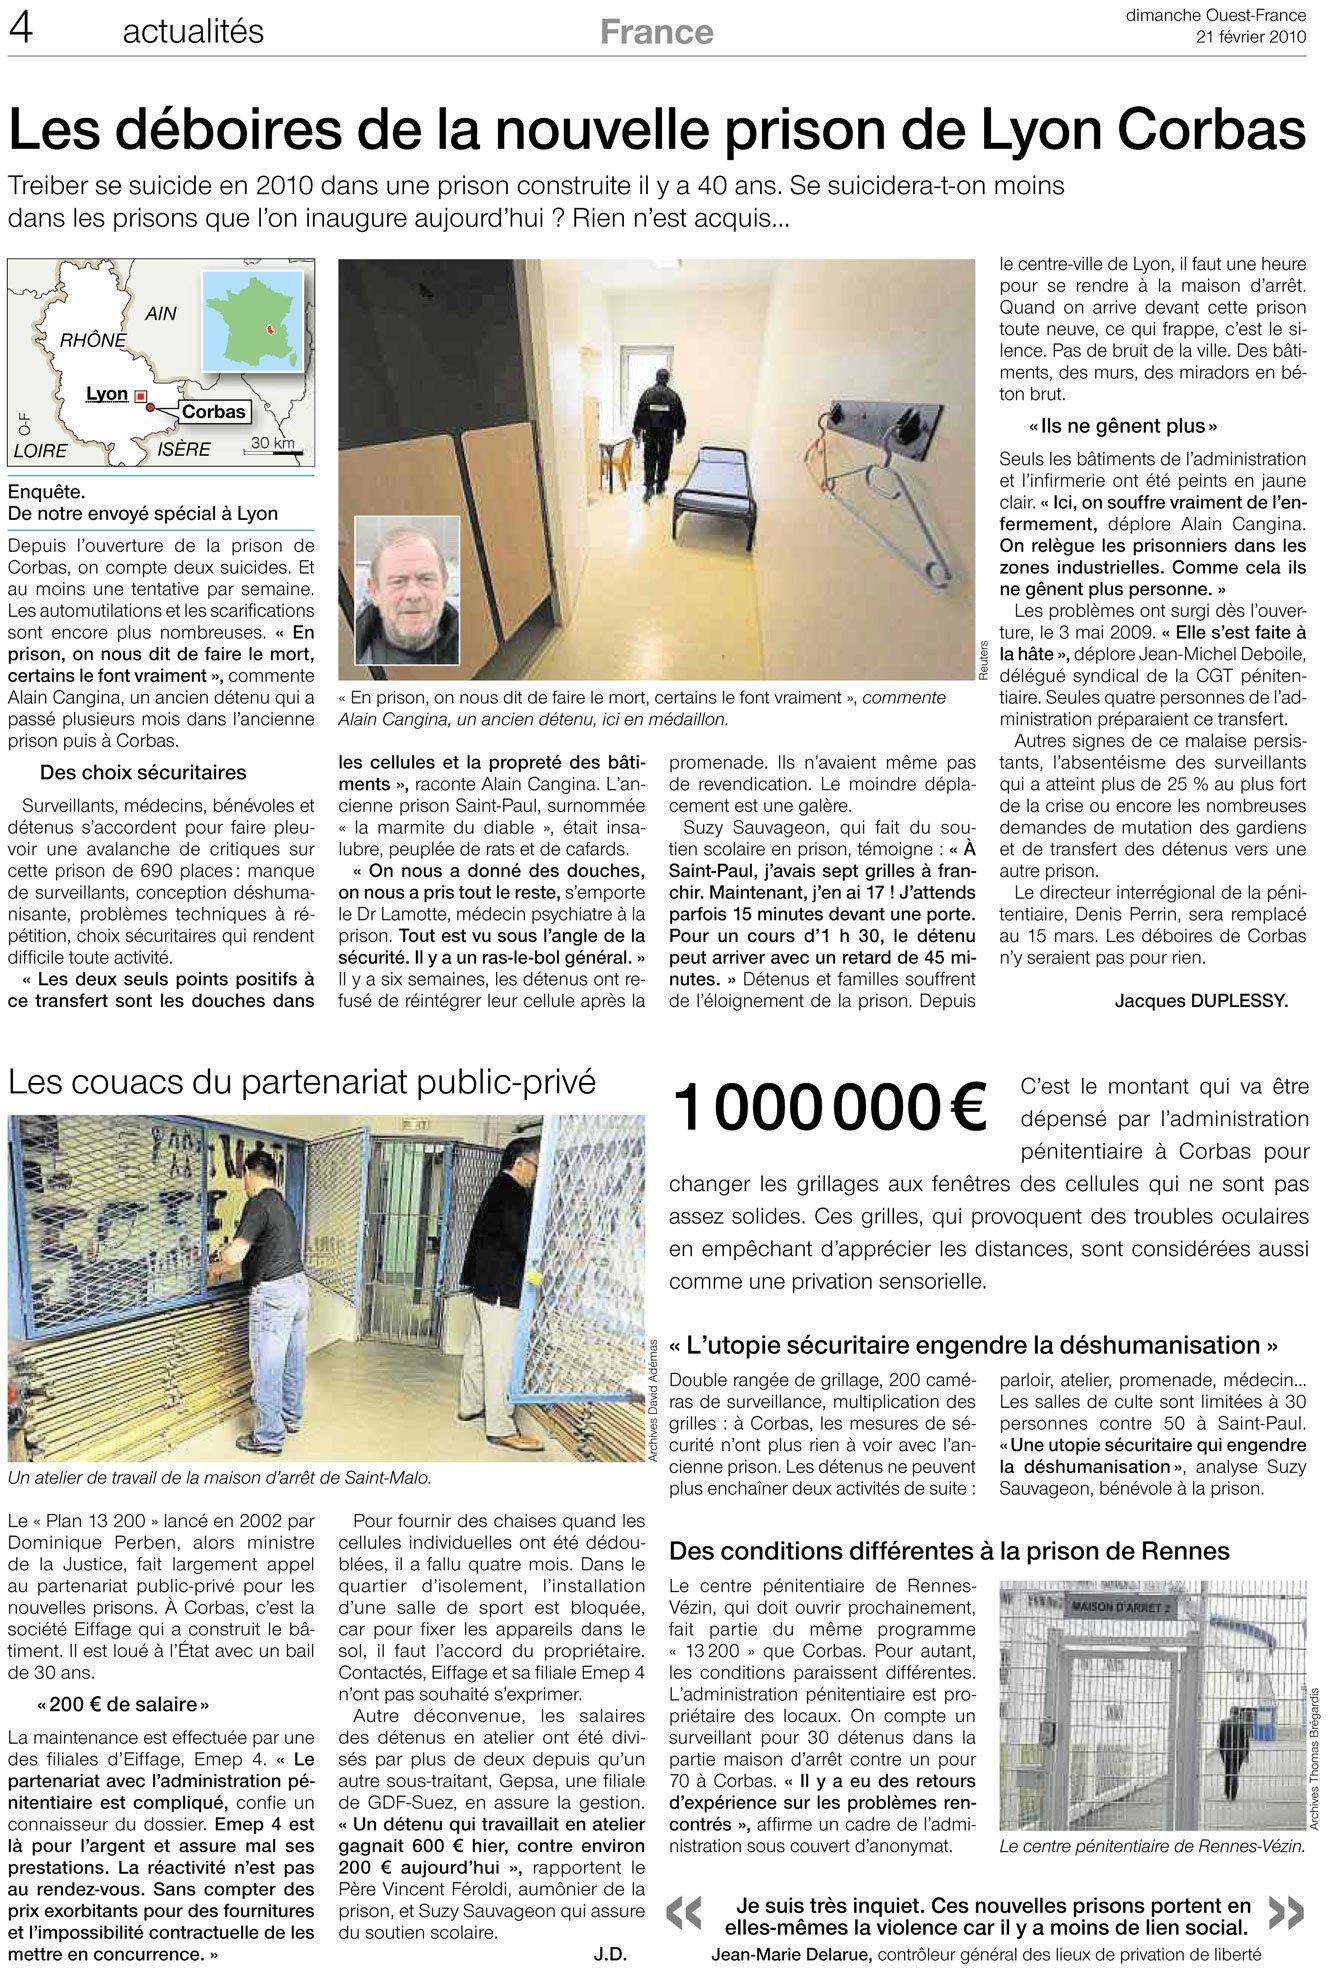 Les déboires de la nouvelle prison de Lyon Corbas